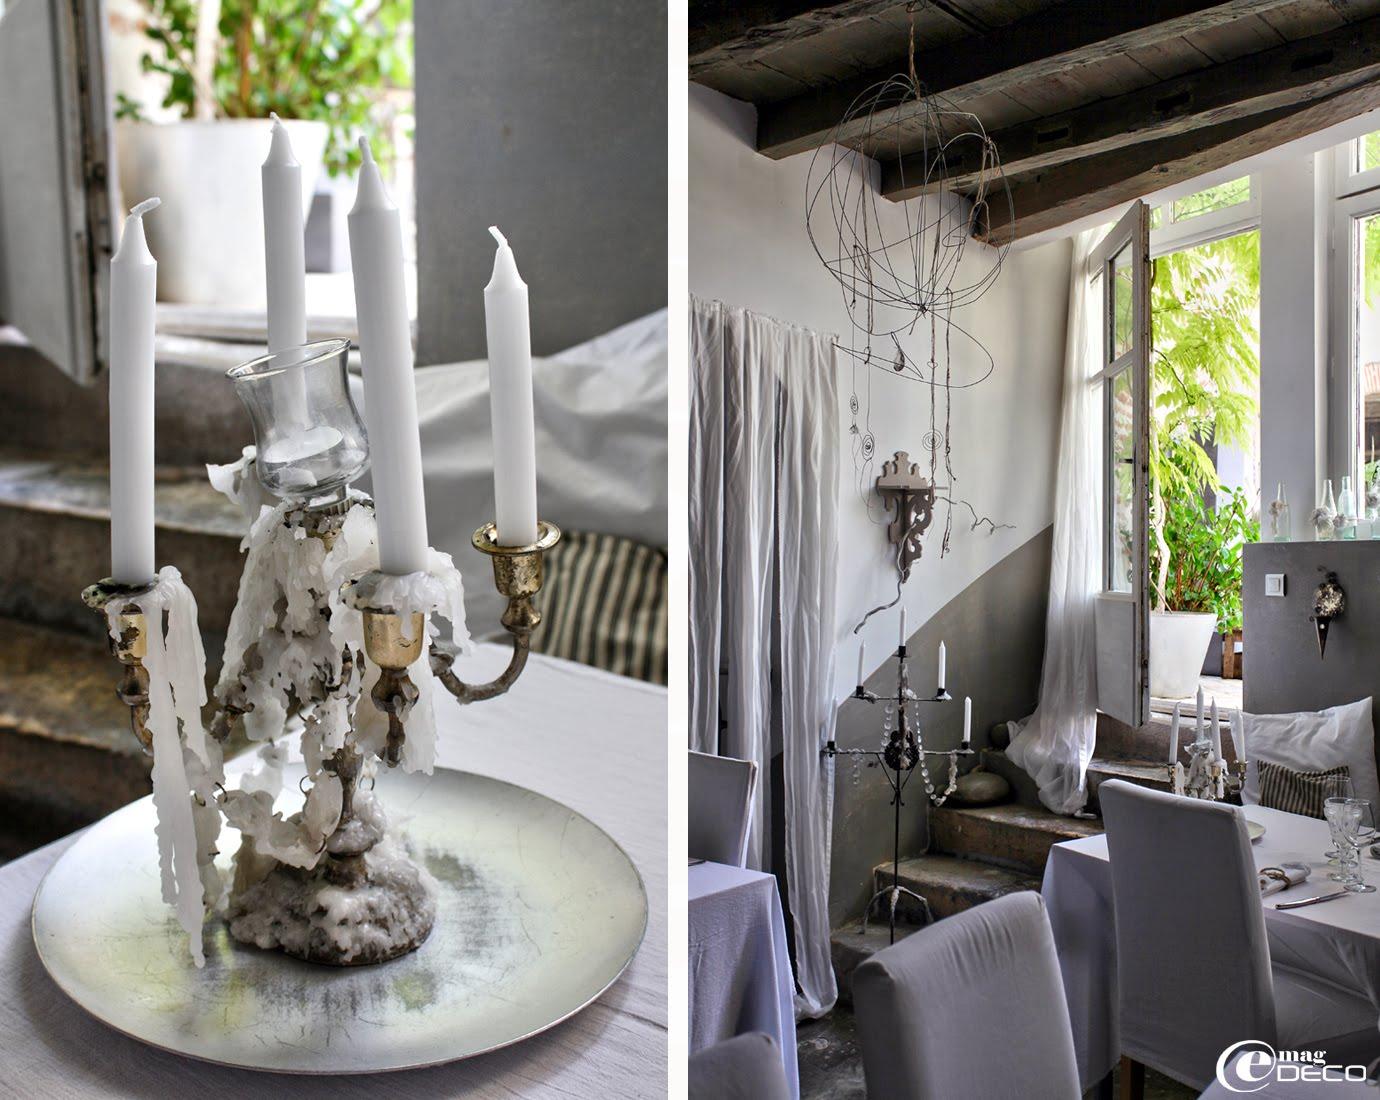 Lustre en fil de fer, ficelles de chanvre et pampilles de verre, création Béatrice Loncle et Geneviève Cazottes